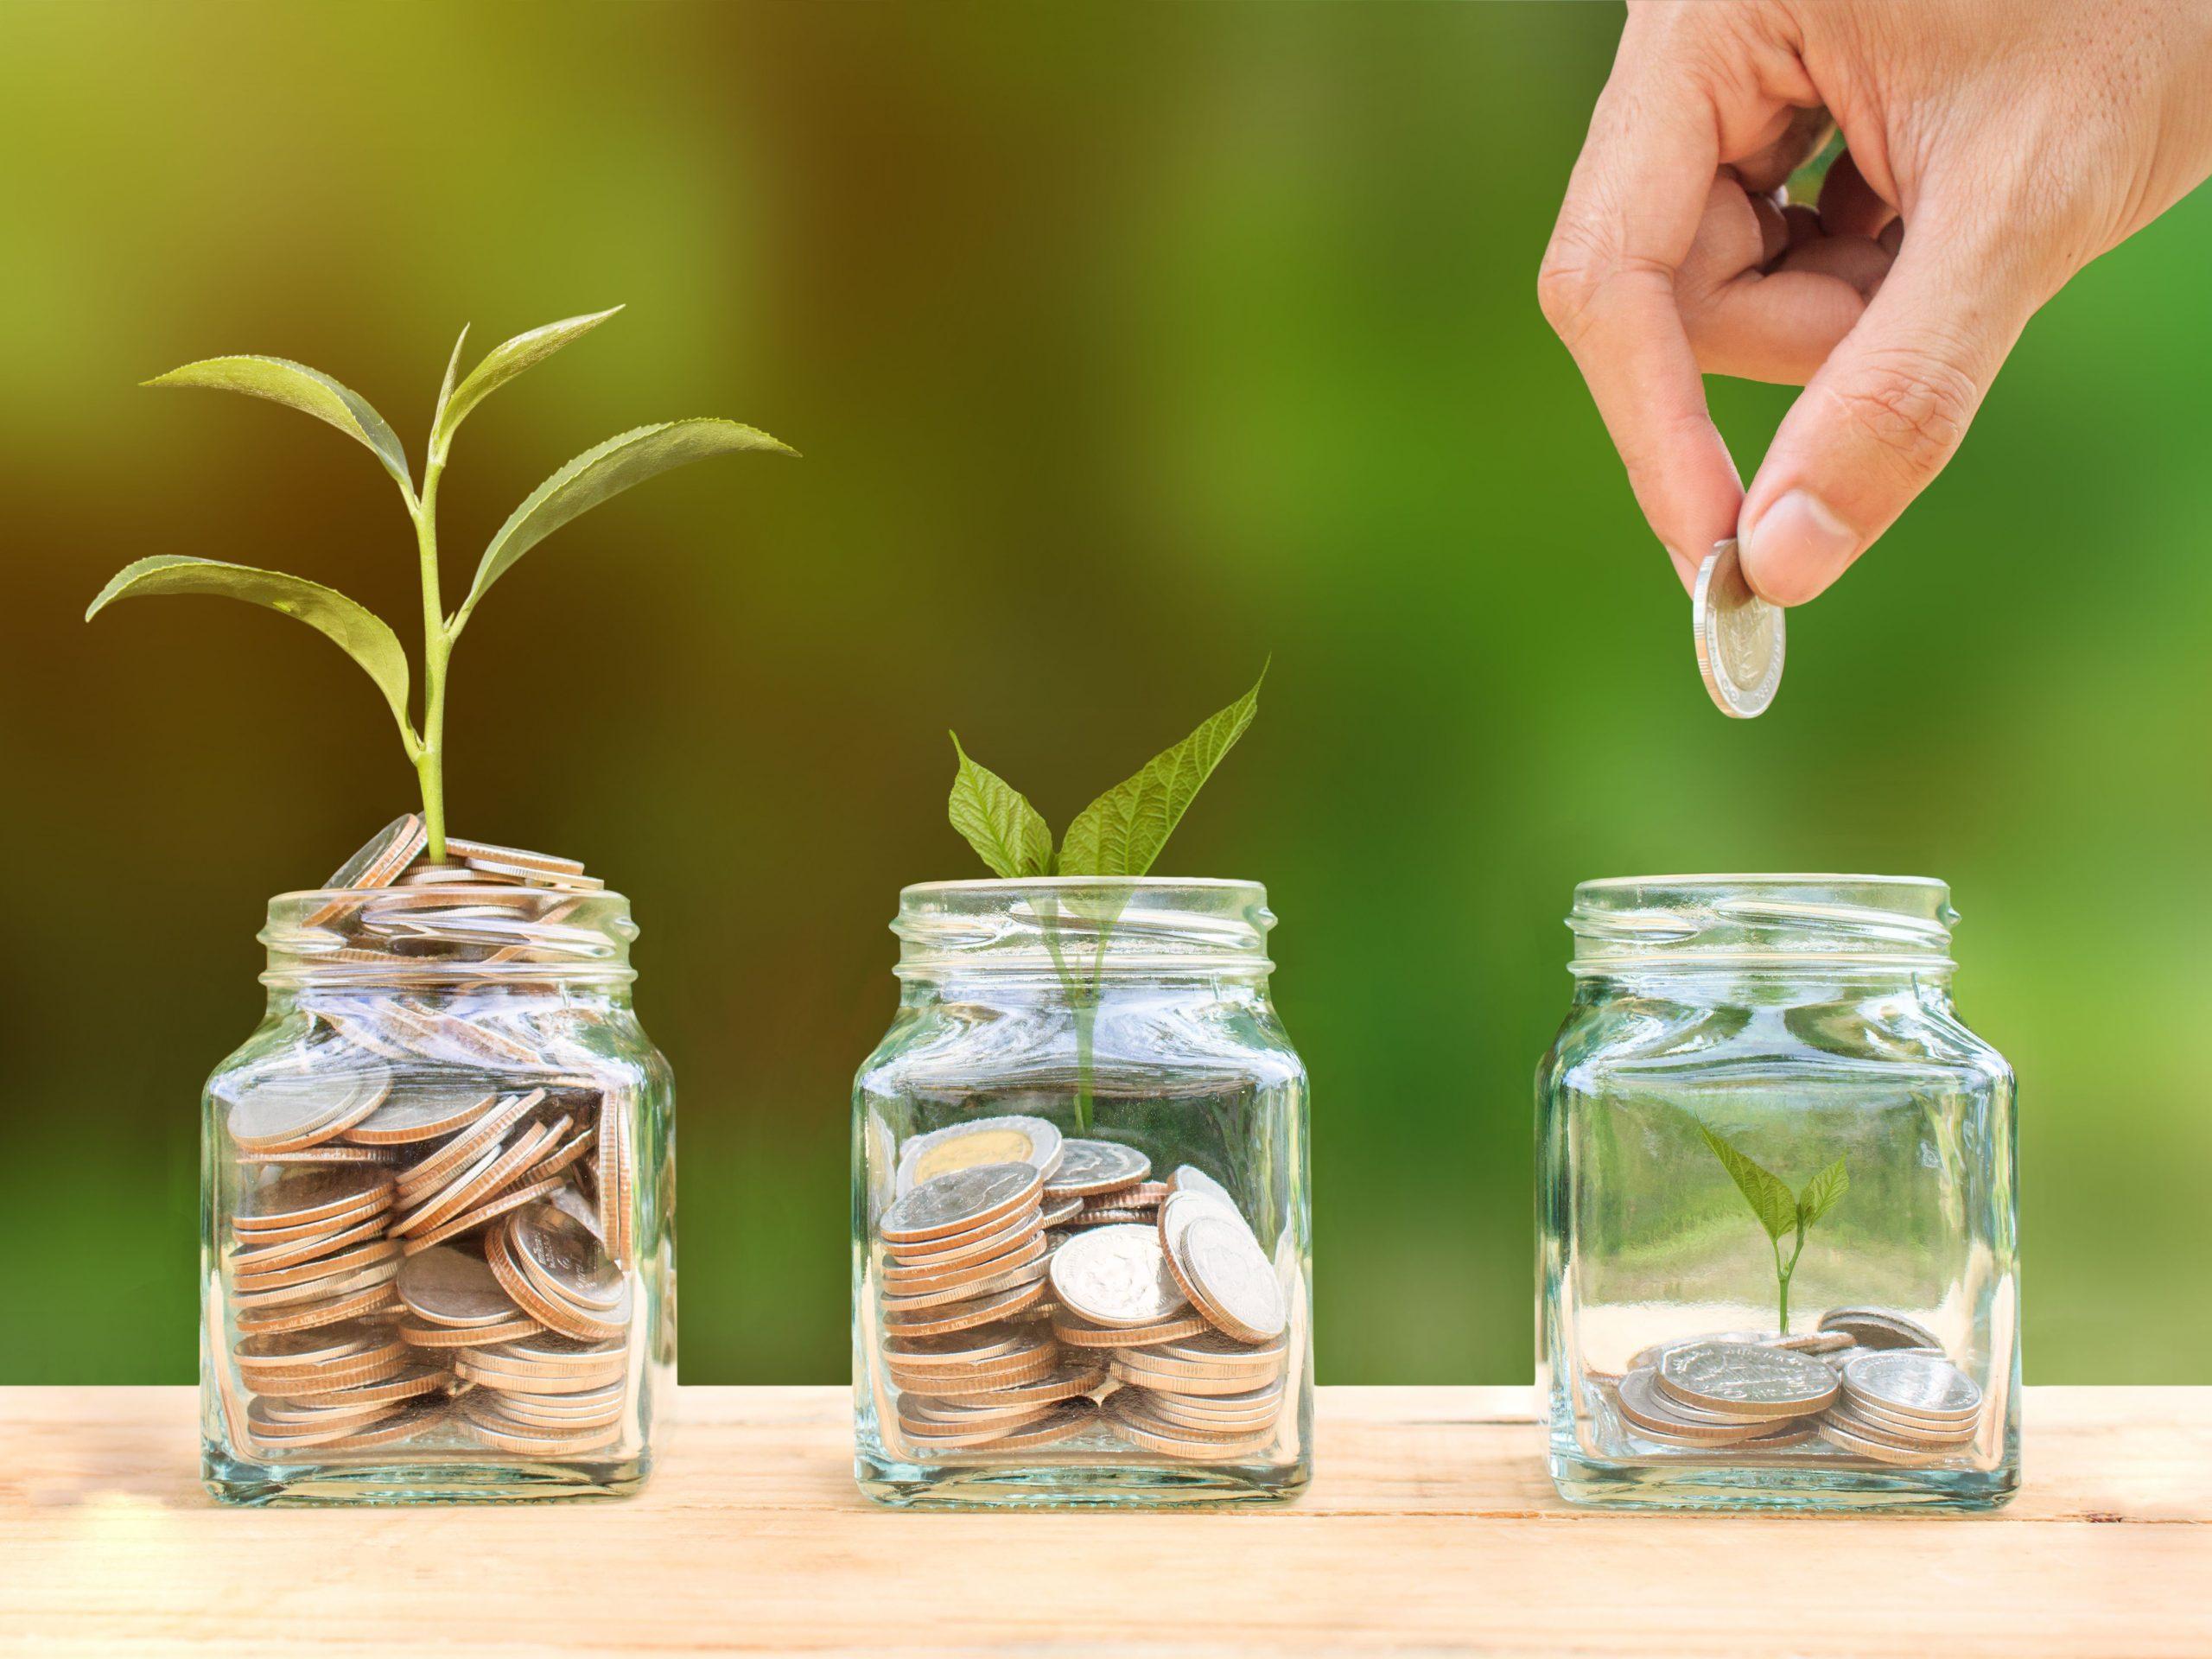 كيف توفر أموالك في امريكا - 10 نصائح مهمة